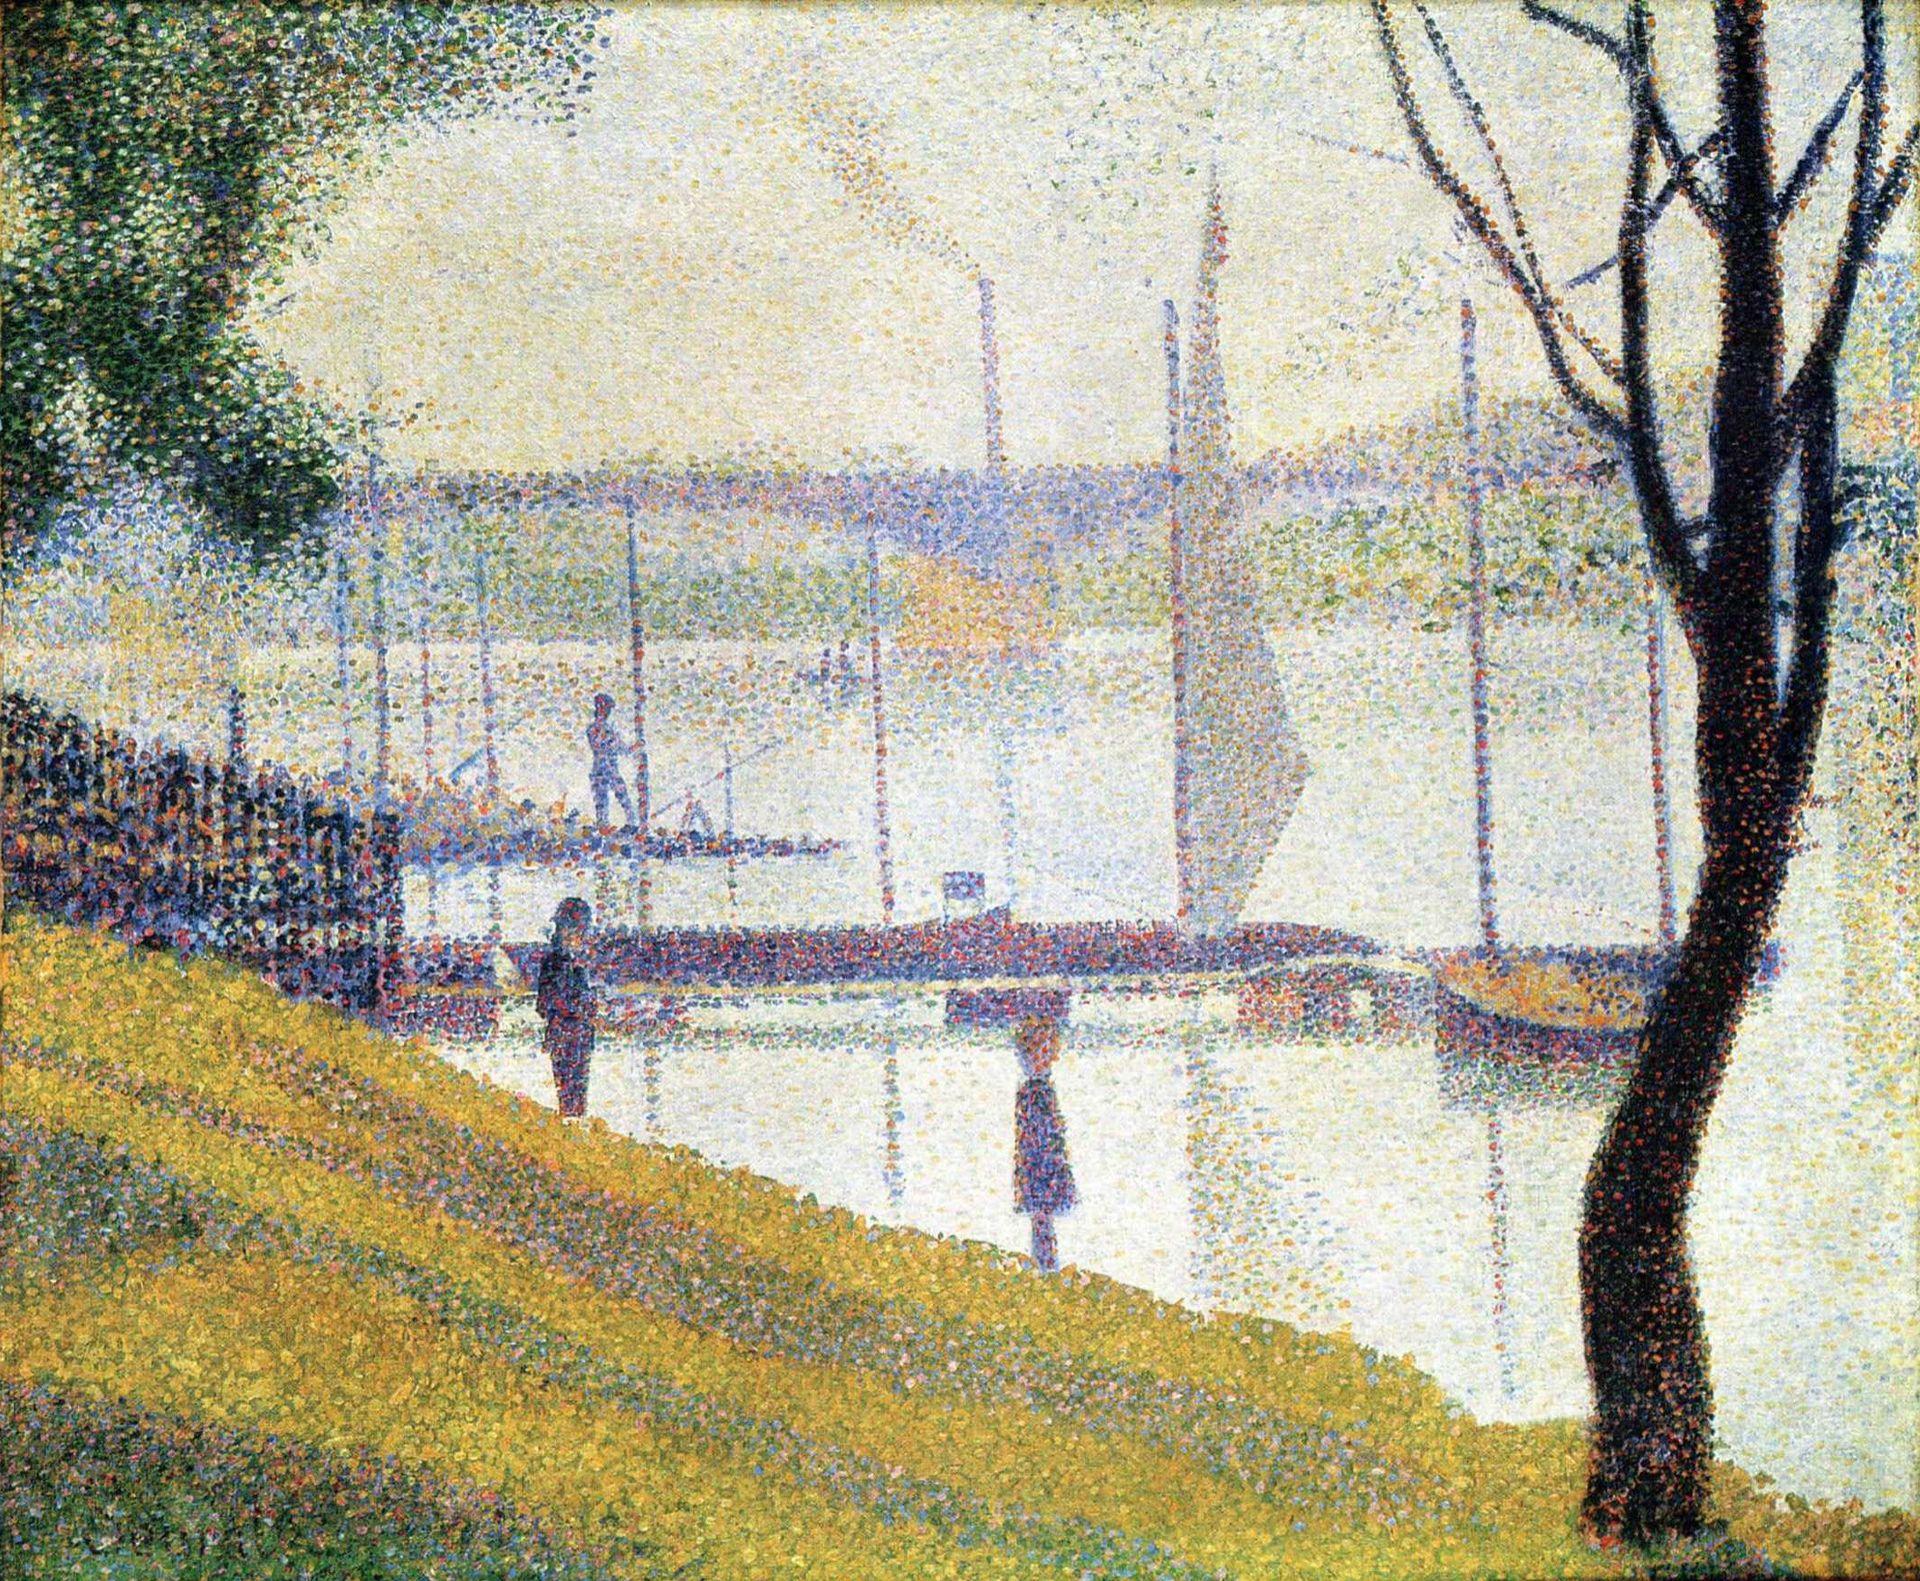 Georges Seurat,  Bridge of Courbevoie , 1886-1887, Courtauld Institute, London.